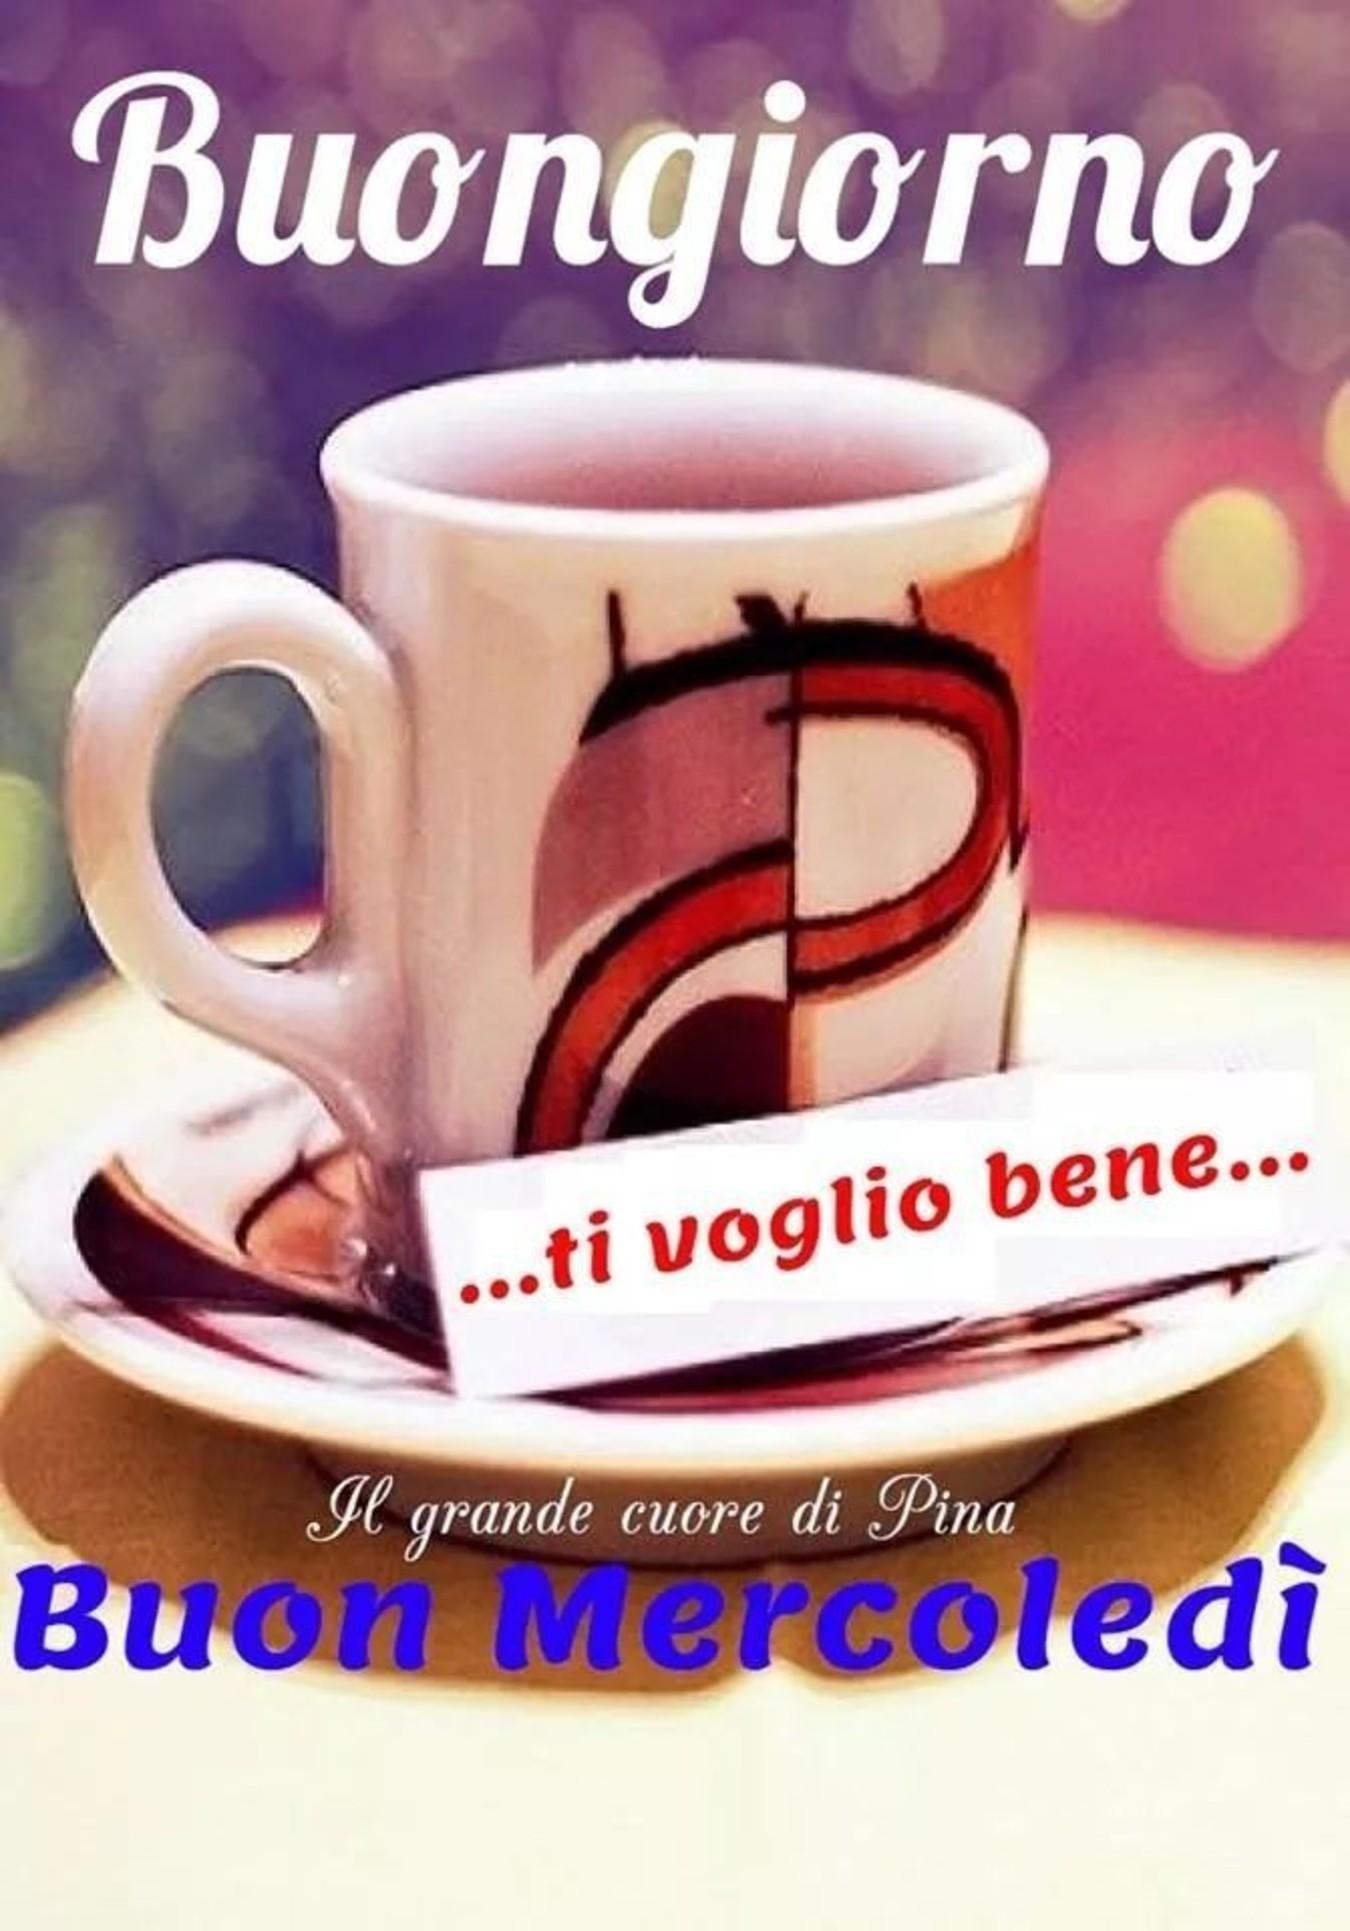 Immagini Buon Mercoledì Col Caffè 2 Archives Immaginiwhatsappit